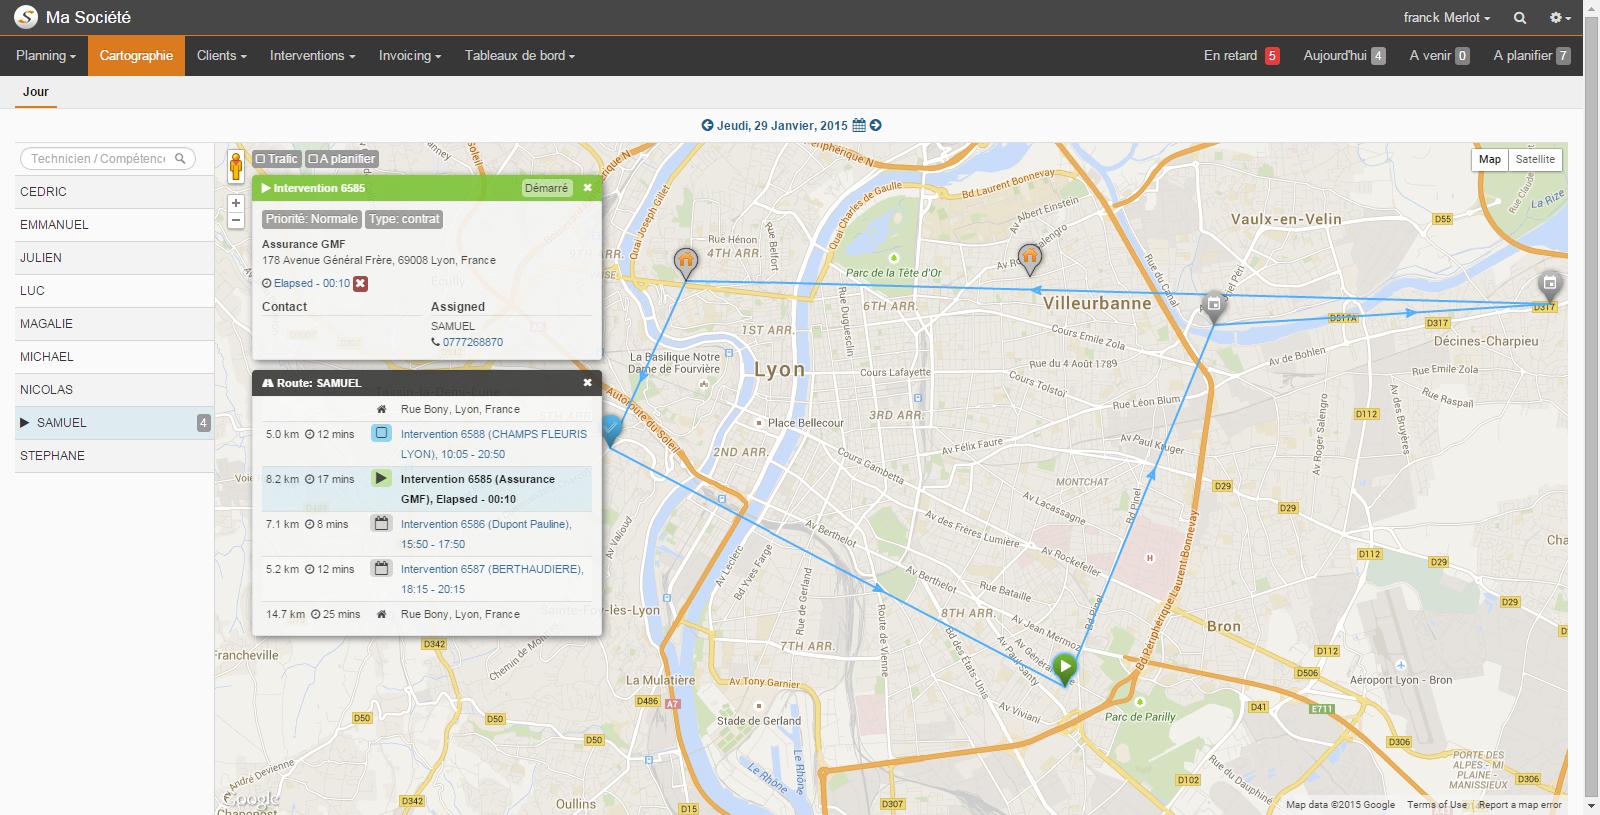 Une nouvelle cartographie avec une vue claire et détaillée du programme journalier des techniciens de maintenance